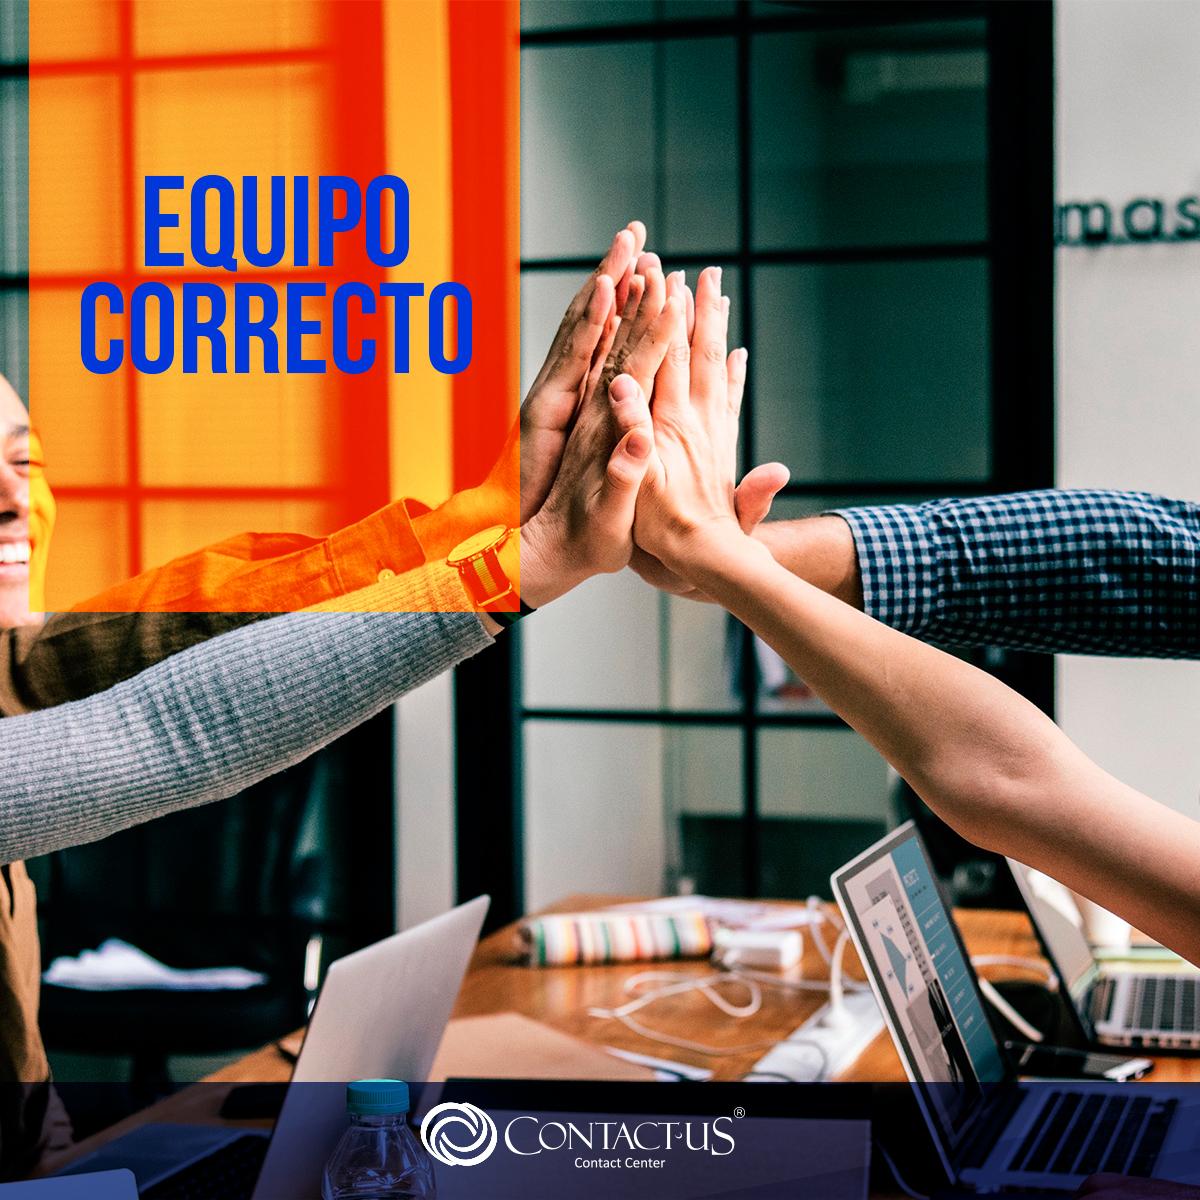 Nos hemos posicionado como un socio estratégico confiable y flexible para atender las exigencias de nuestros clientes, por lo que su empresa y usted se encuentren en manos de expertos que generarán gran valor a sus proyectos. #Puebla #AtenciónAClientes #Seguridad